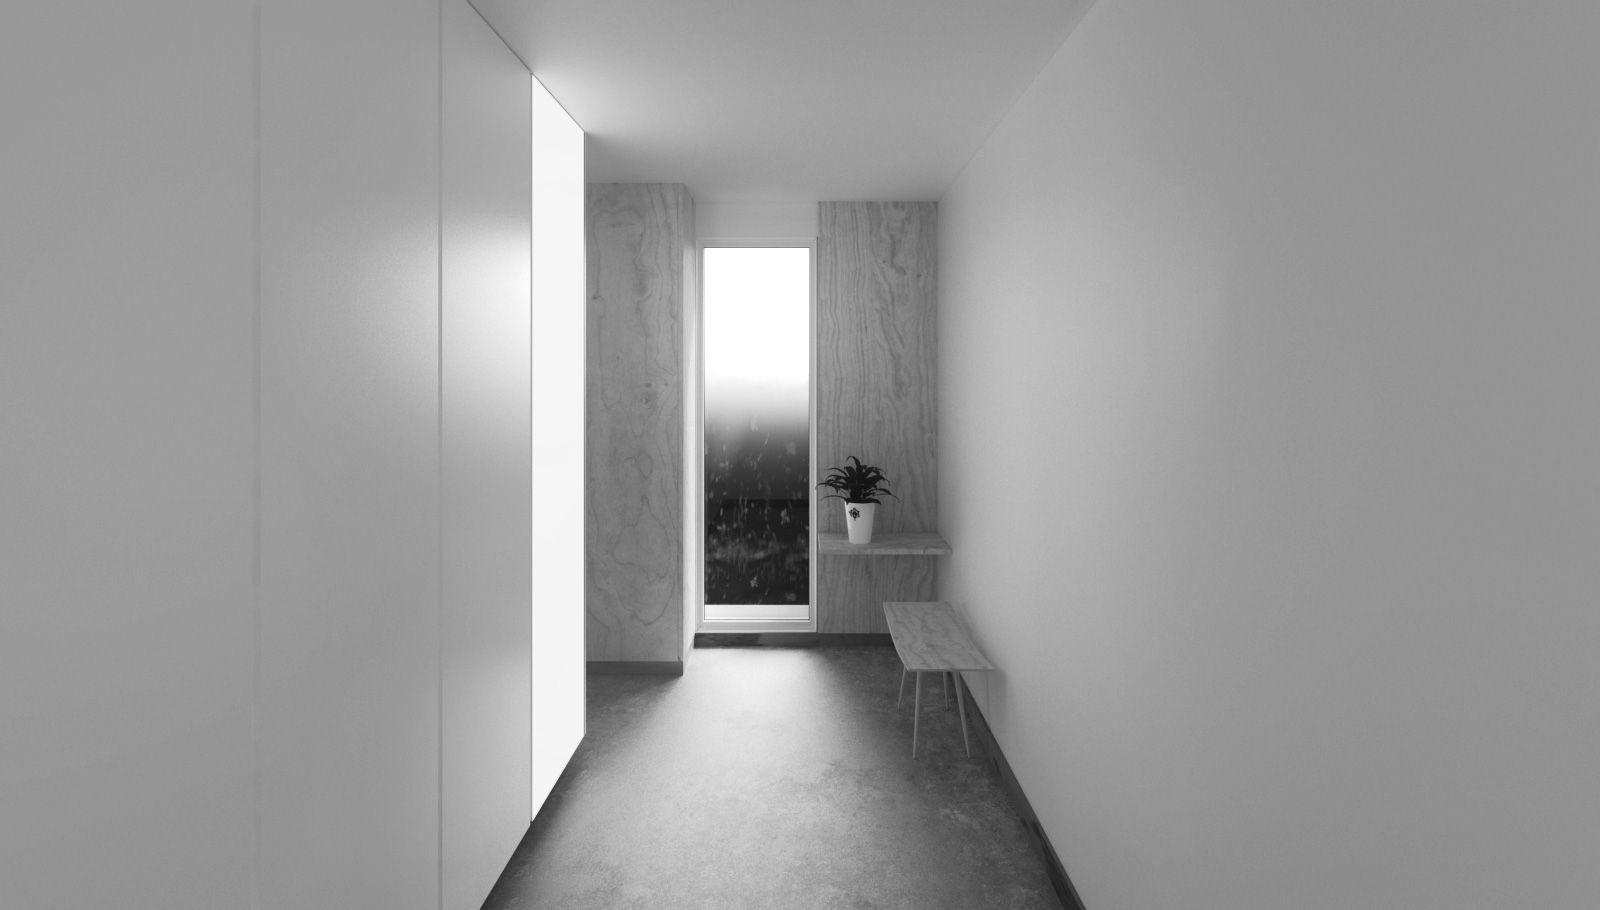 El Mueble Como Organizador Casa En Murcia House In Murcia Http  # Muebles Seda Murcia